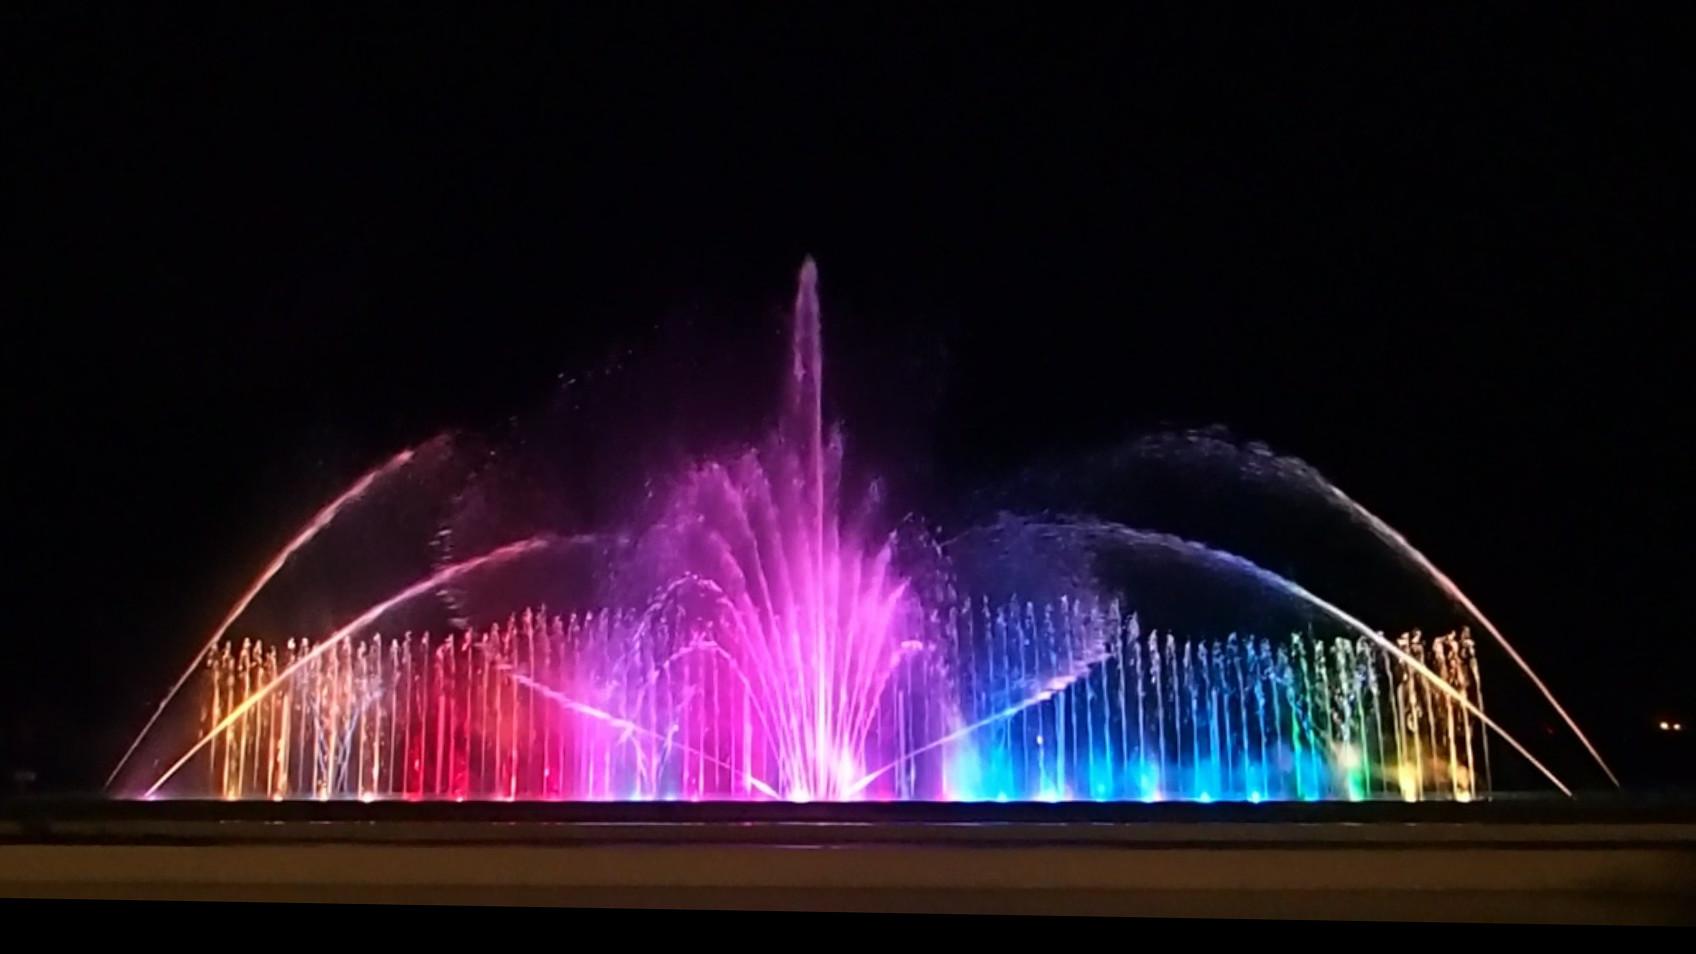 【噴水ショー】ホテル三日月・富士見亭 音楽噴水ショー オリジナル曲篇(千葉県)